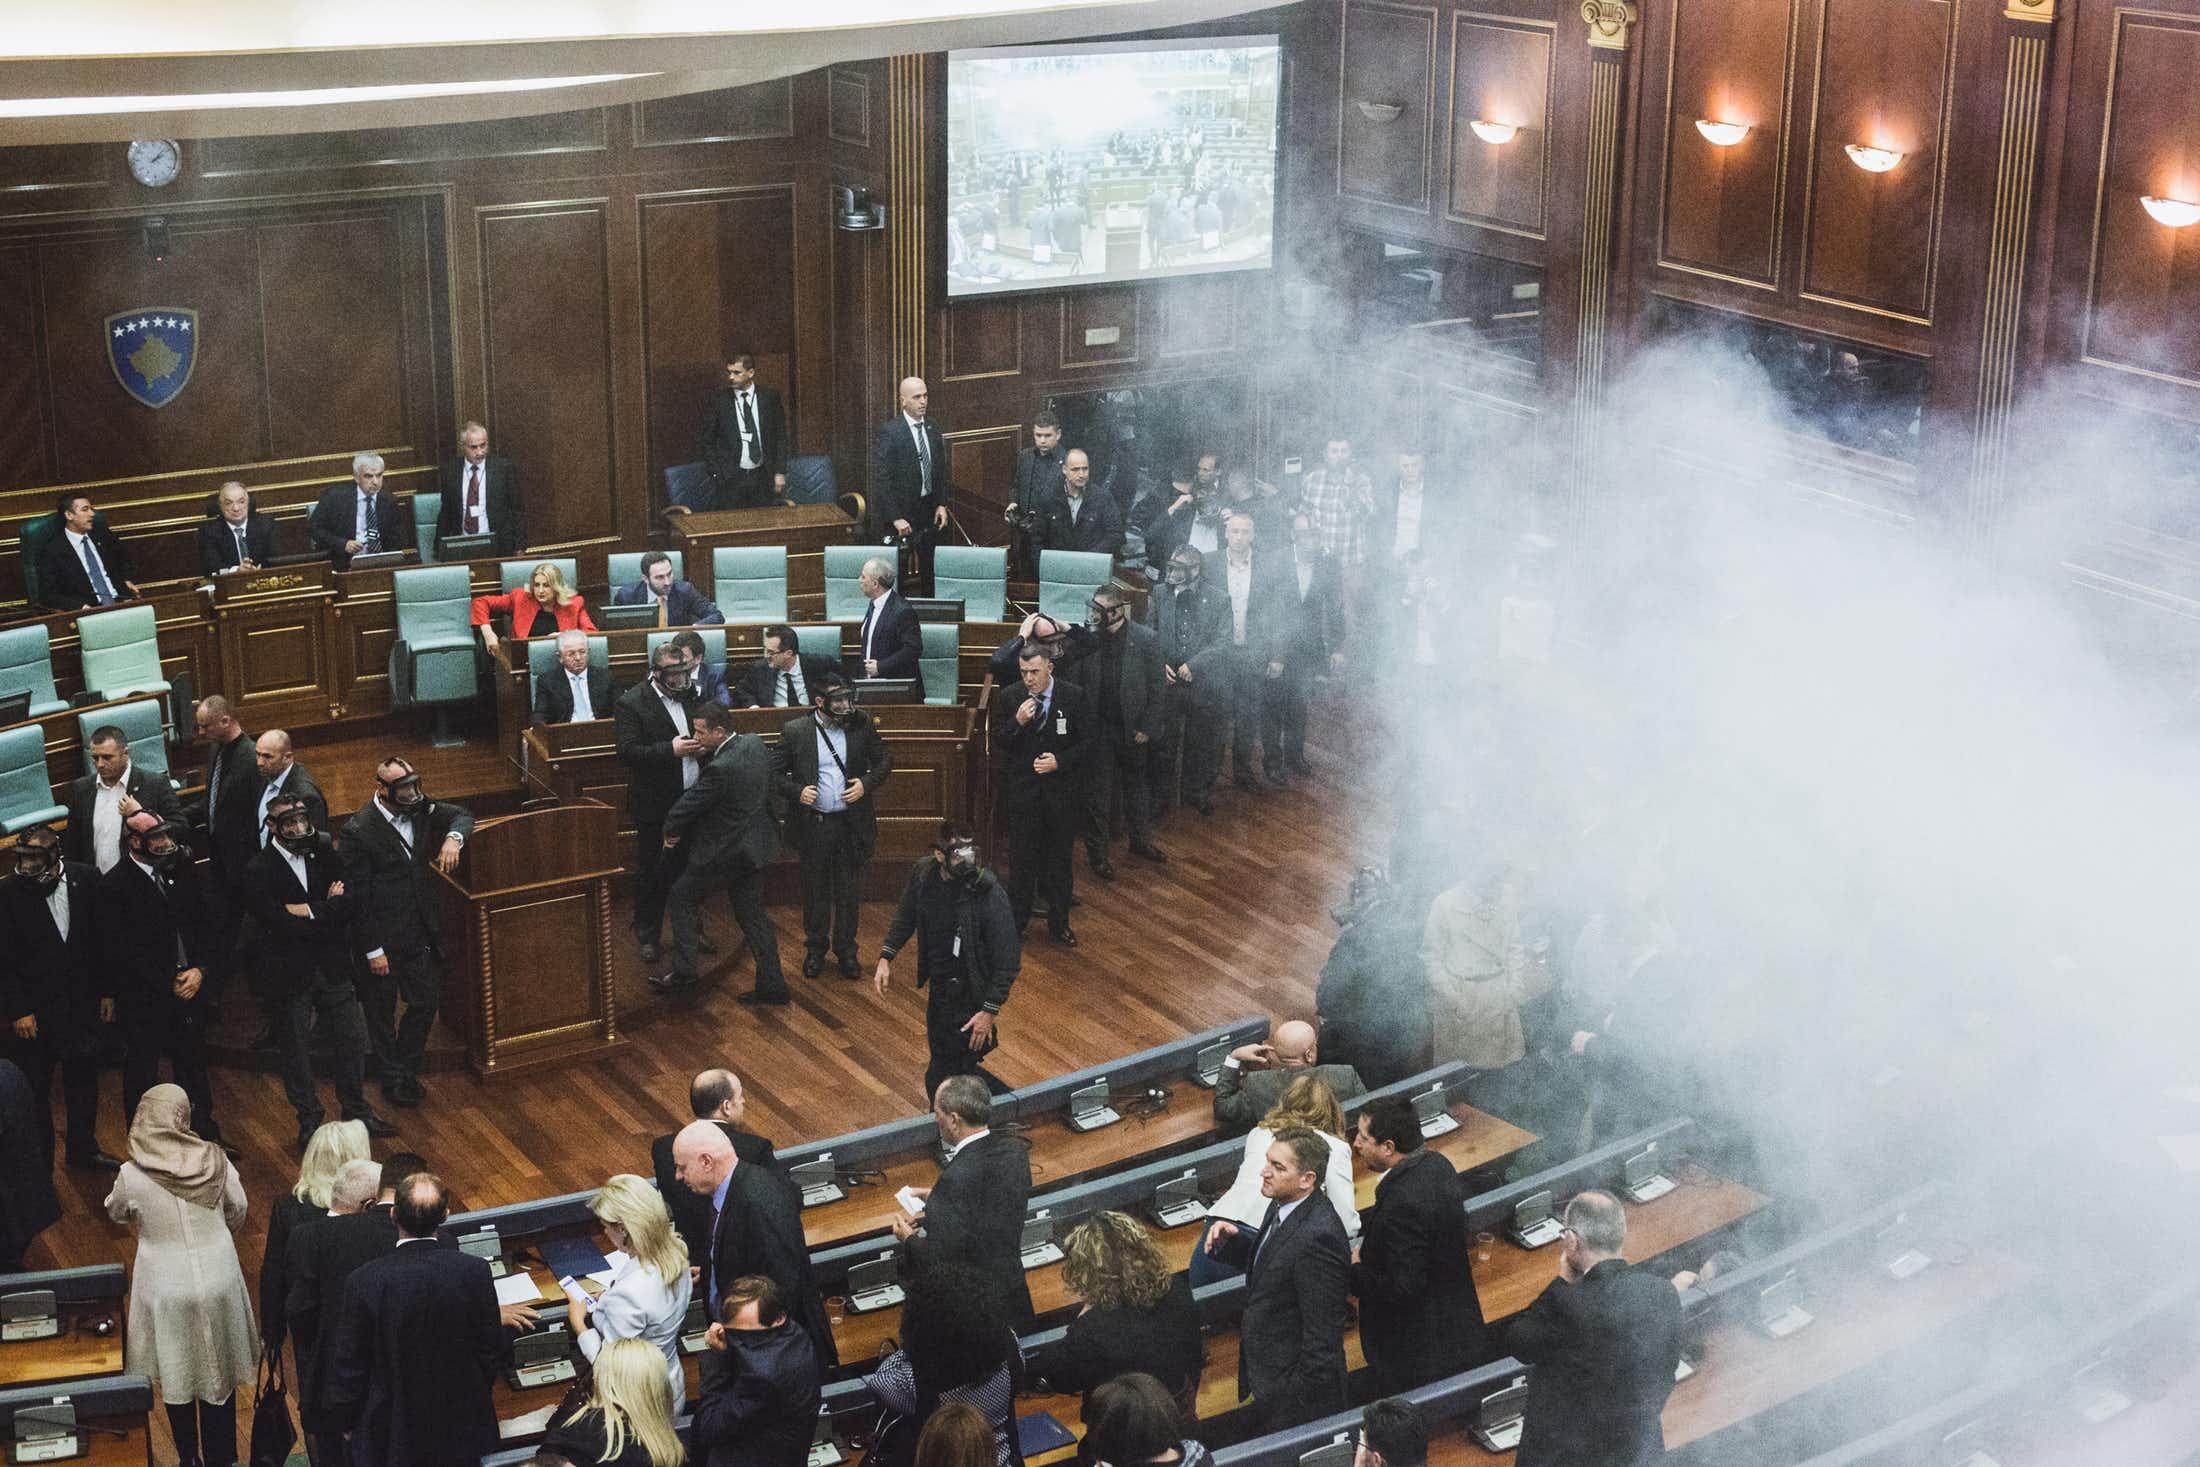 Le parti d'opposition Autodétermination jette des bombes lacrymogènes dans l'hémicycle. (photo Martin Valentin Fuchs)